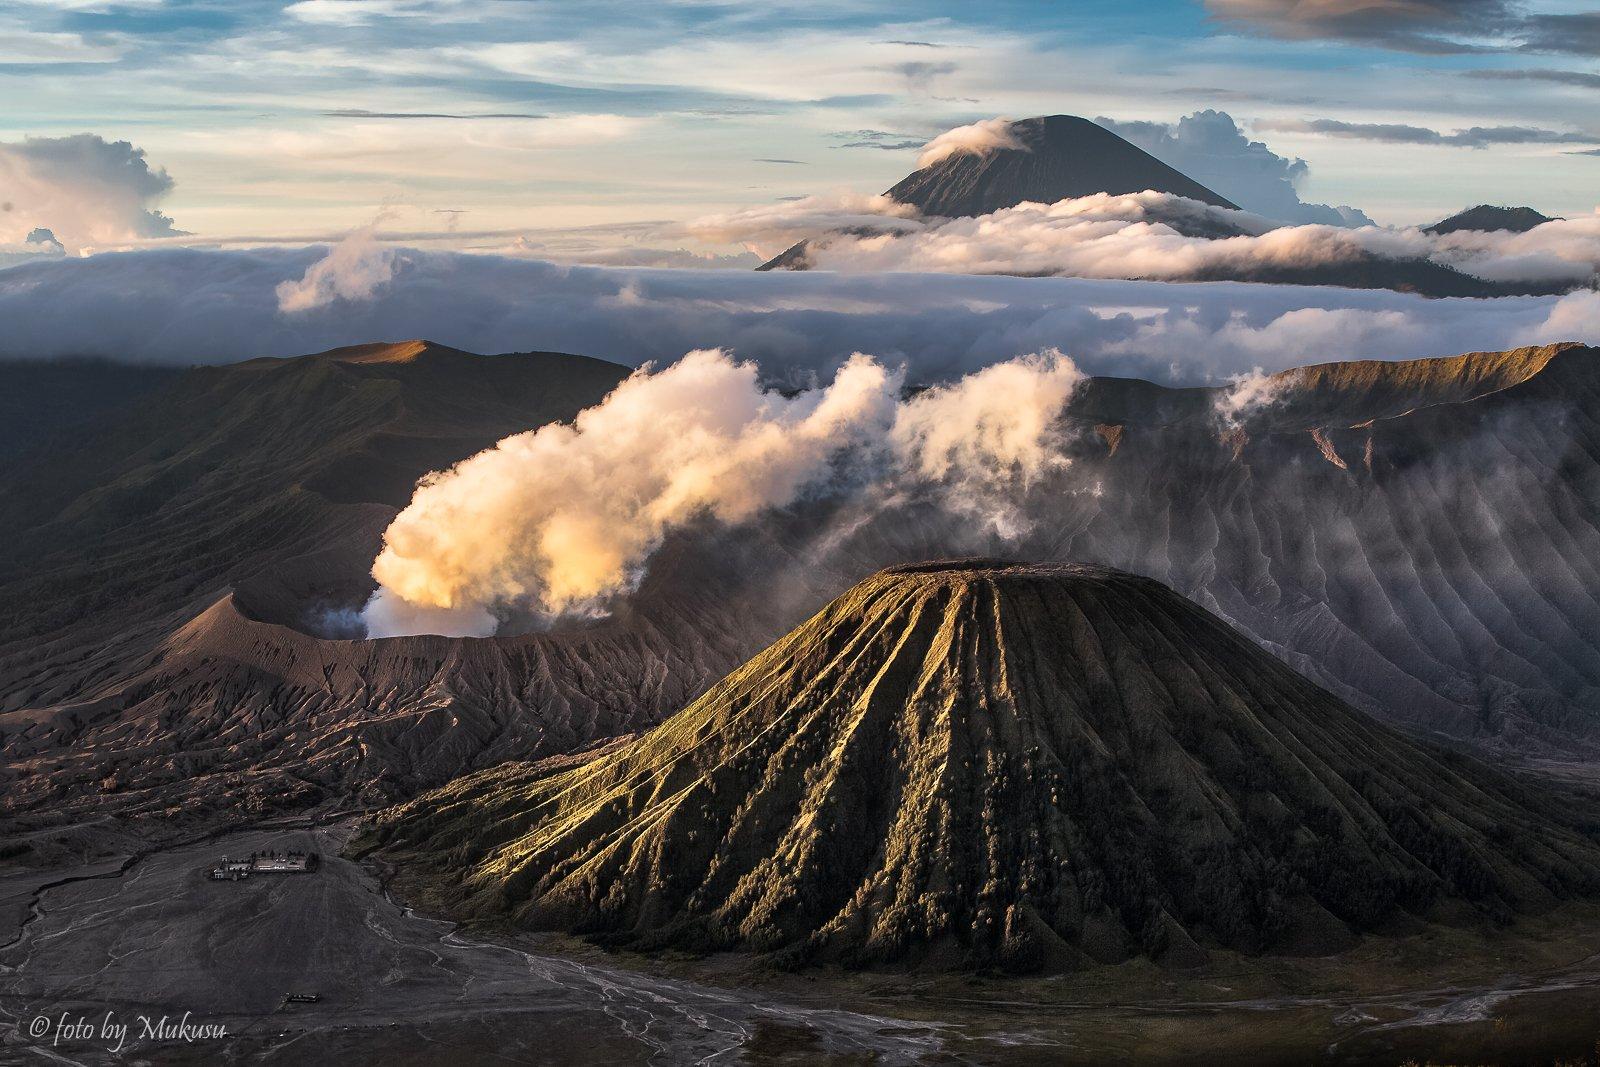 индонезия,ява, рассвет, вулканы, бромо, горы, пейзаж, путешествия, landscape, travel, Алексей Самойленко